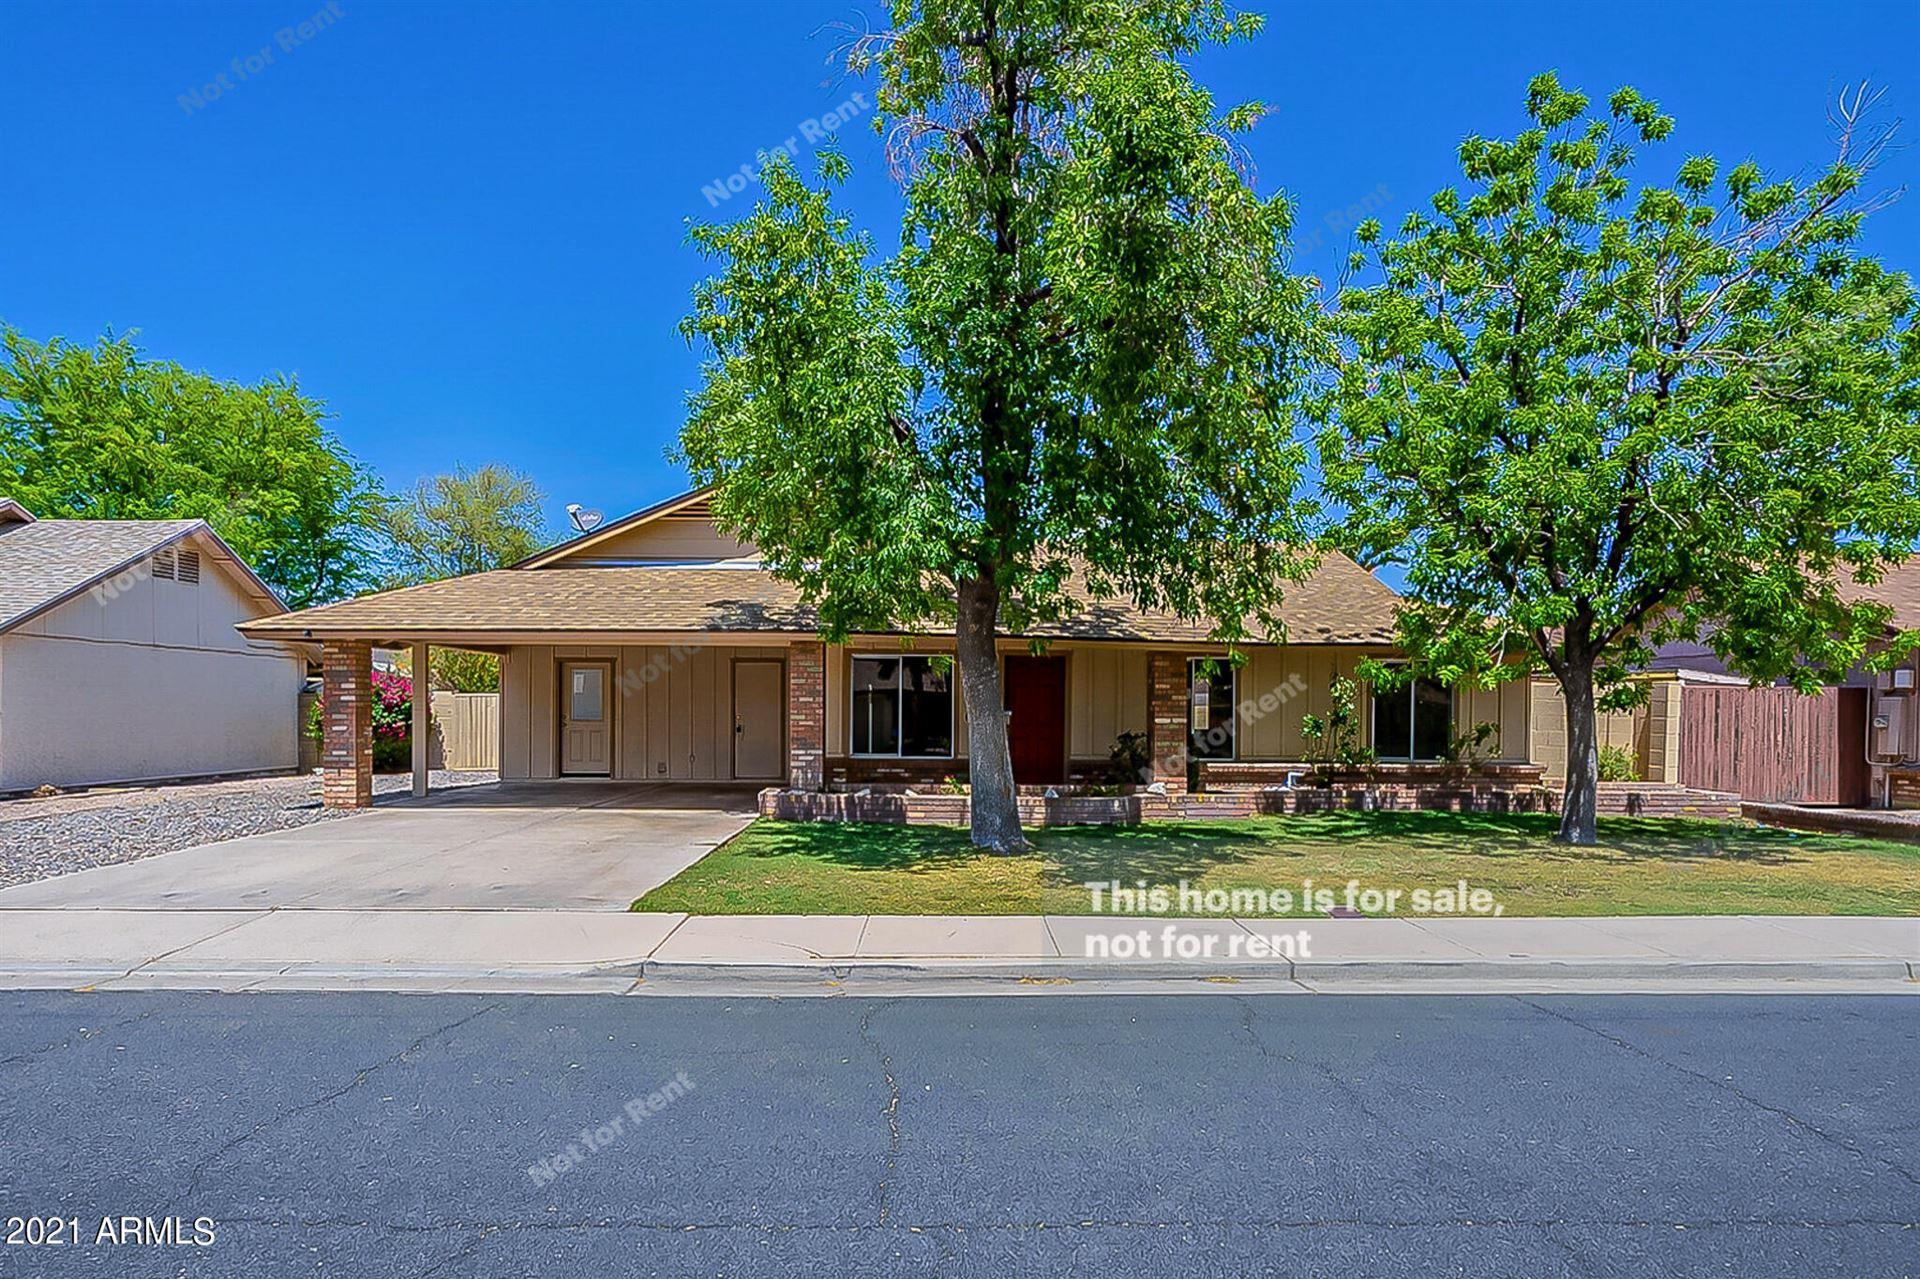 1546 W NOPAL Avenue, Mesa, AZ 85202 - MLS#: 6225190